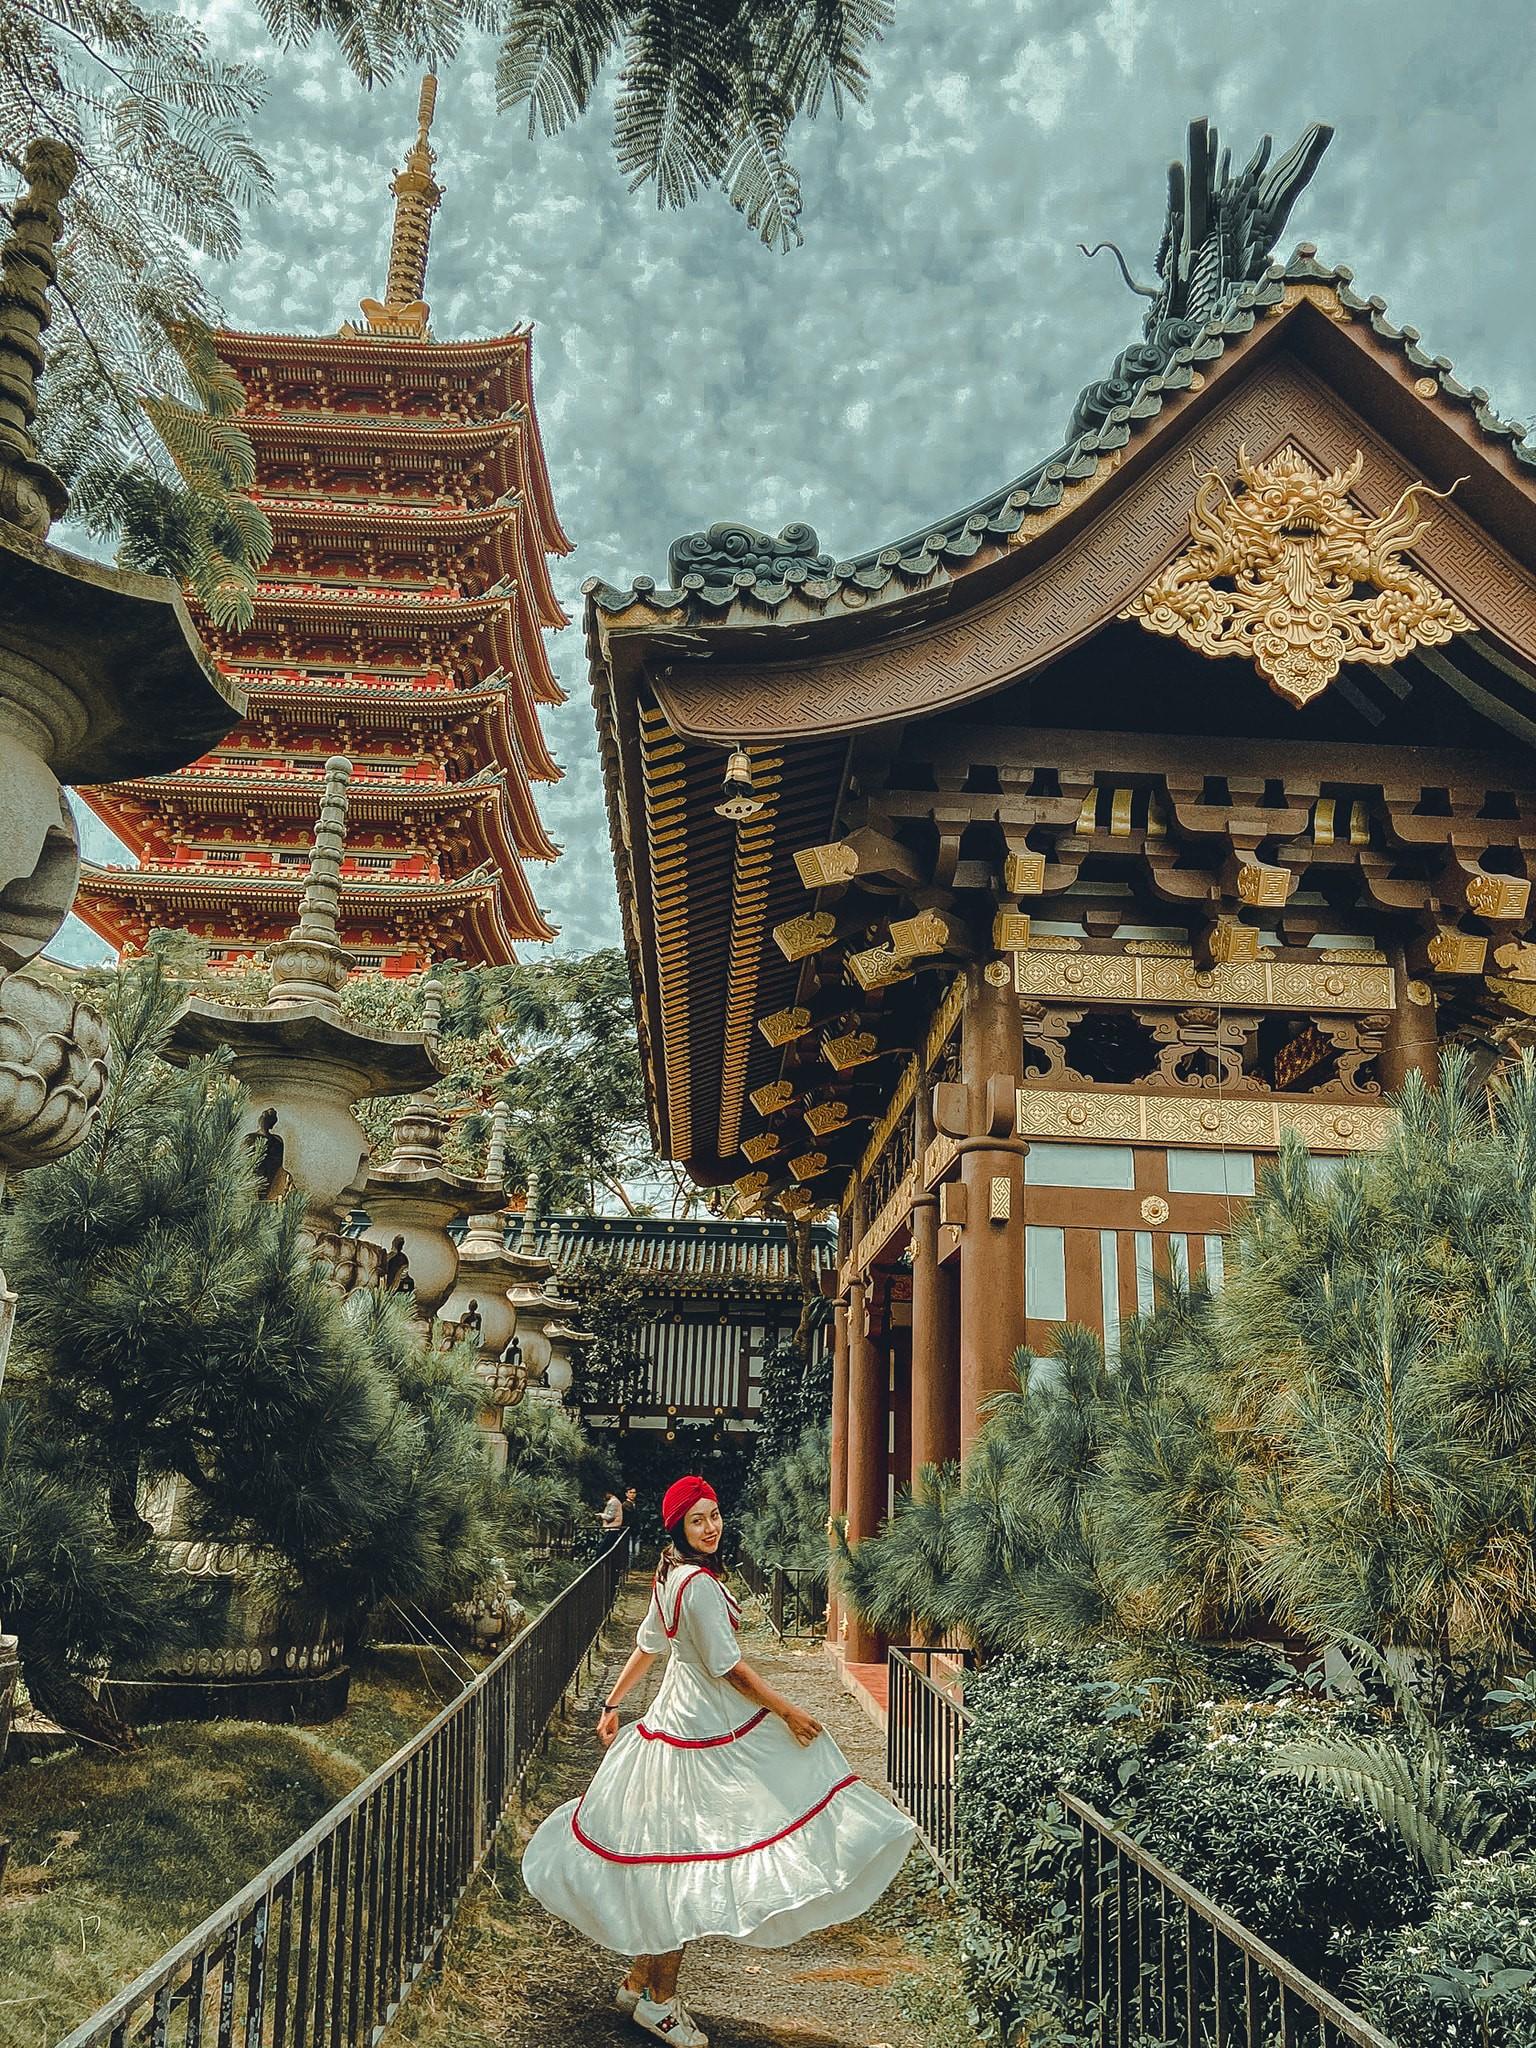 chùa Minh Thành phong cách Nhật Bản